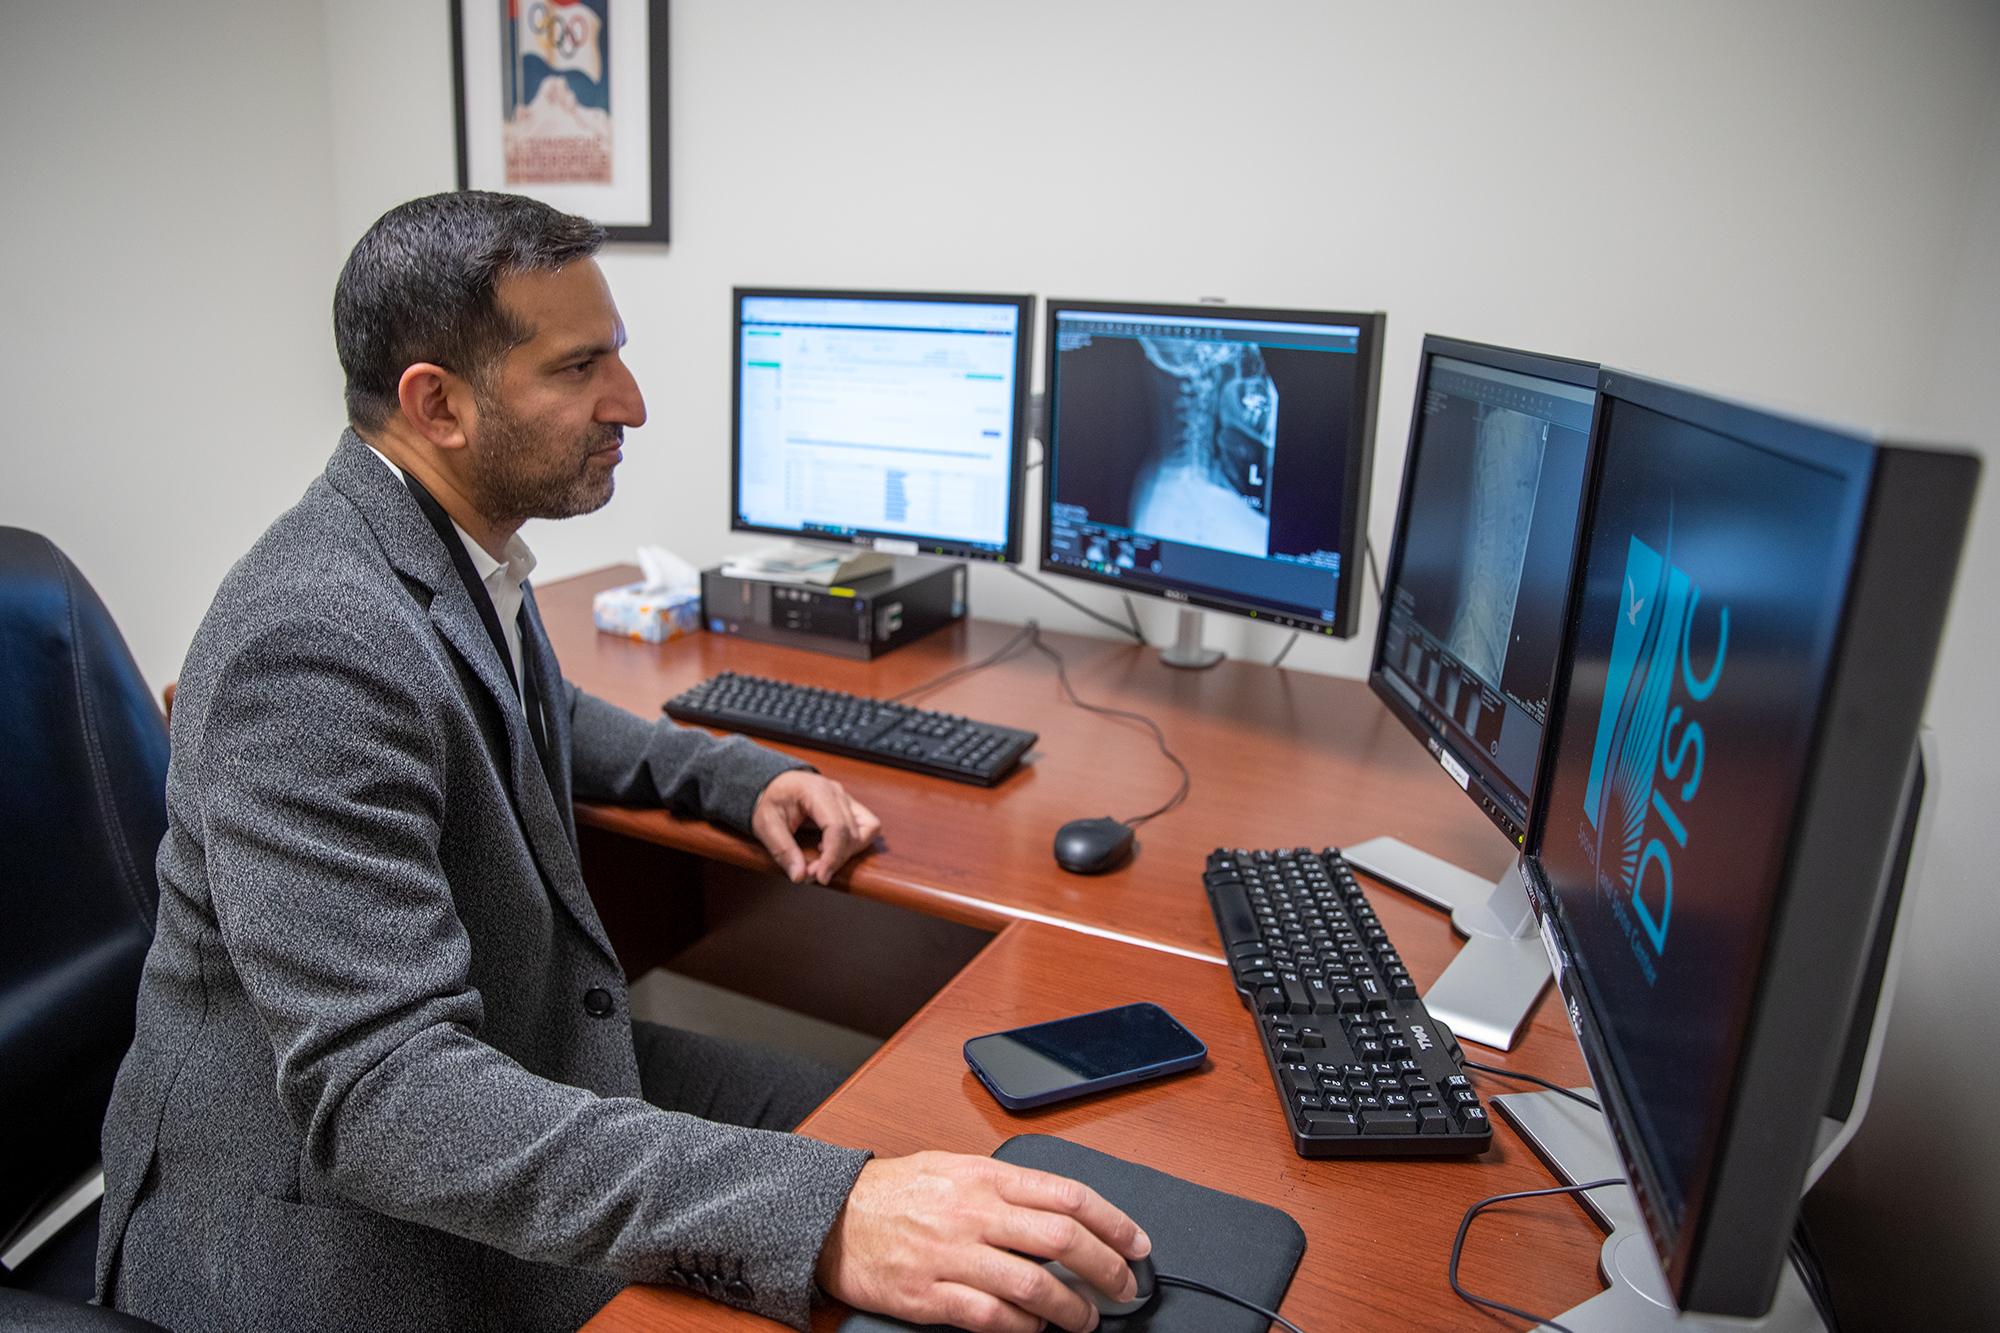 Meet Dr. Mesiwala